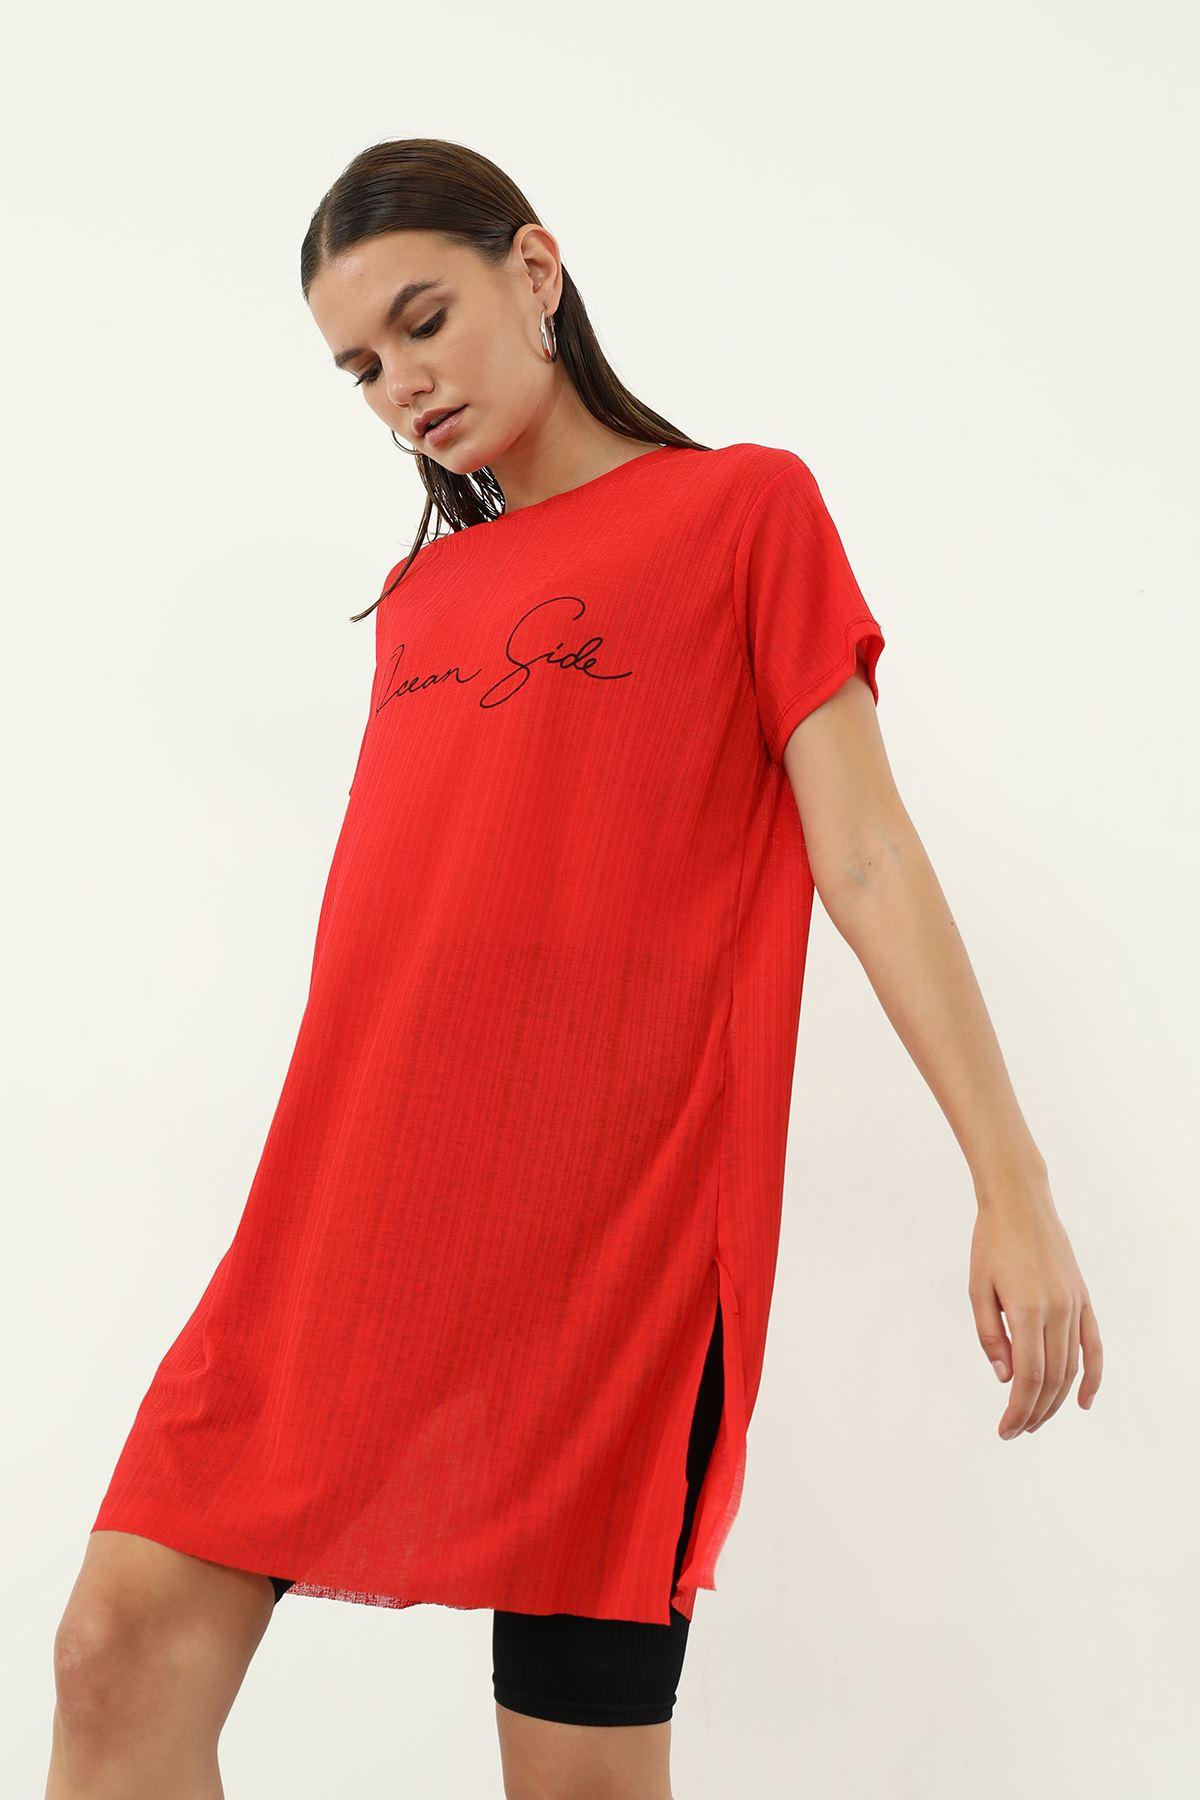 Dream Side Baskılı T-shirt-Kırmızı